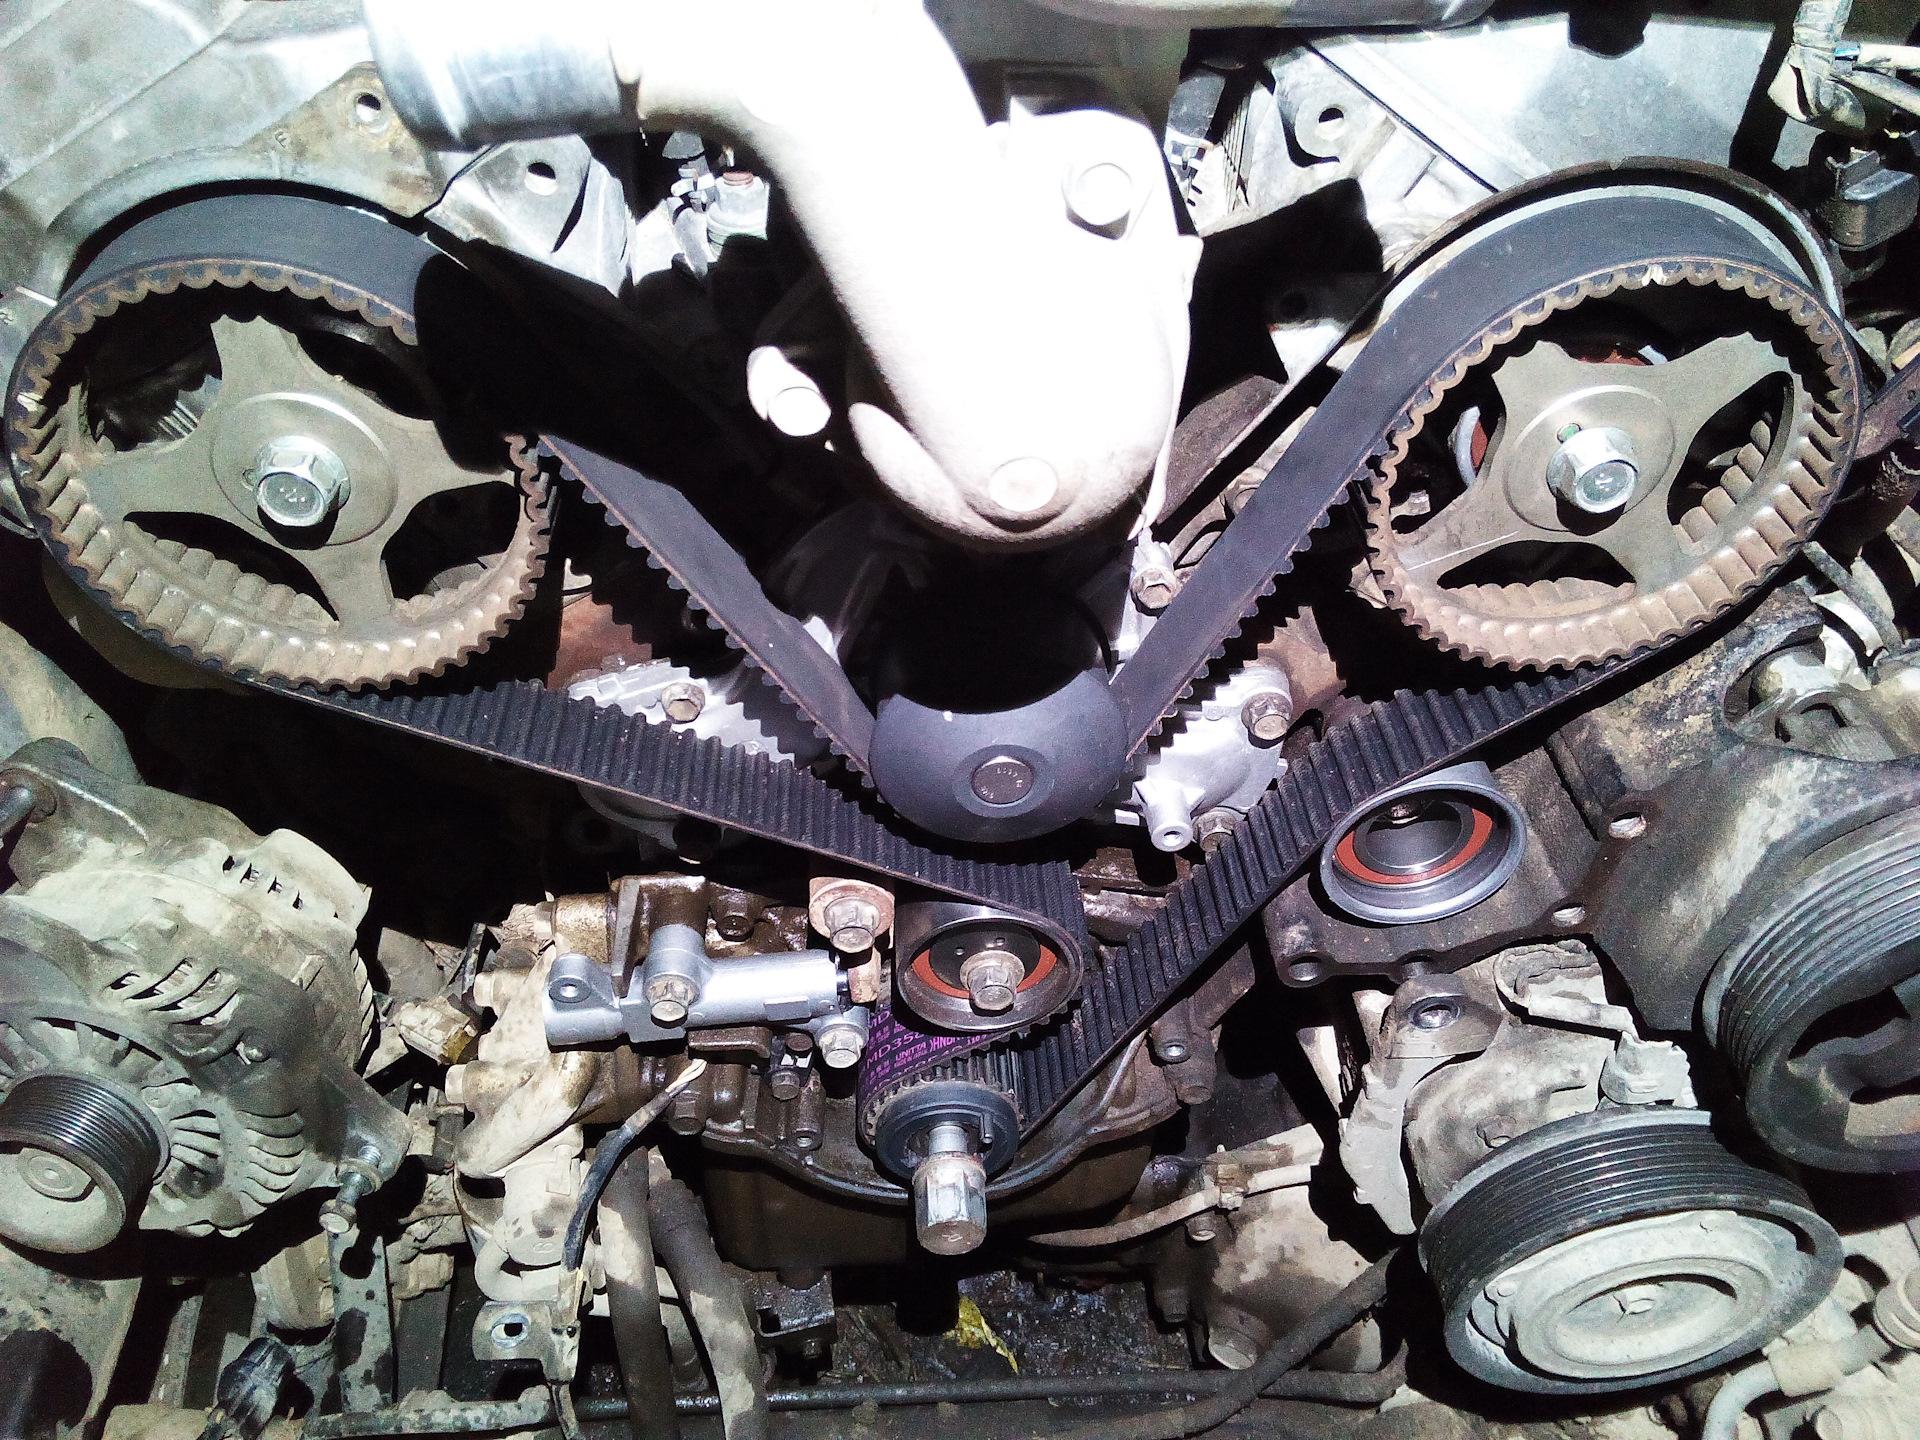 Замена ремня ГРМ на Паджеро 4 3,8 - бортжурнал Mitsubishi Pajero 3.8 2010 года на DRIVE2